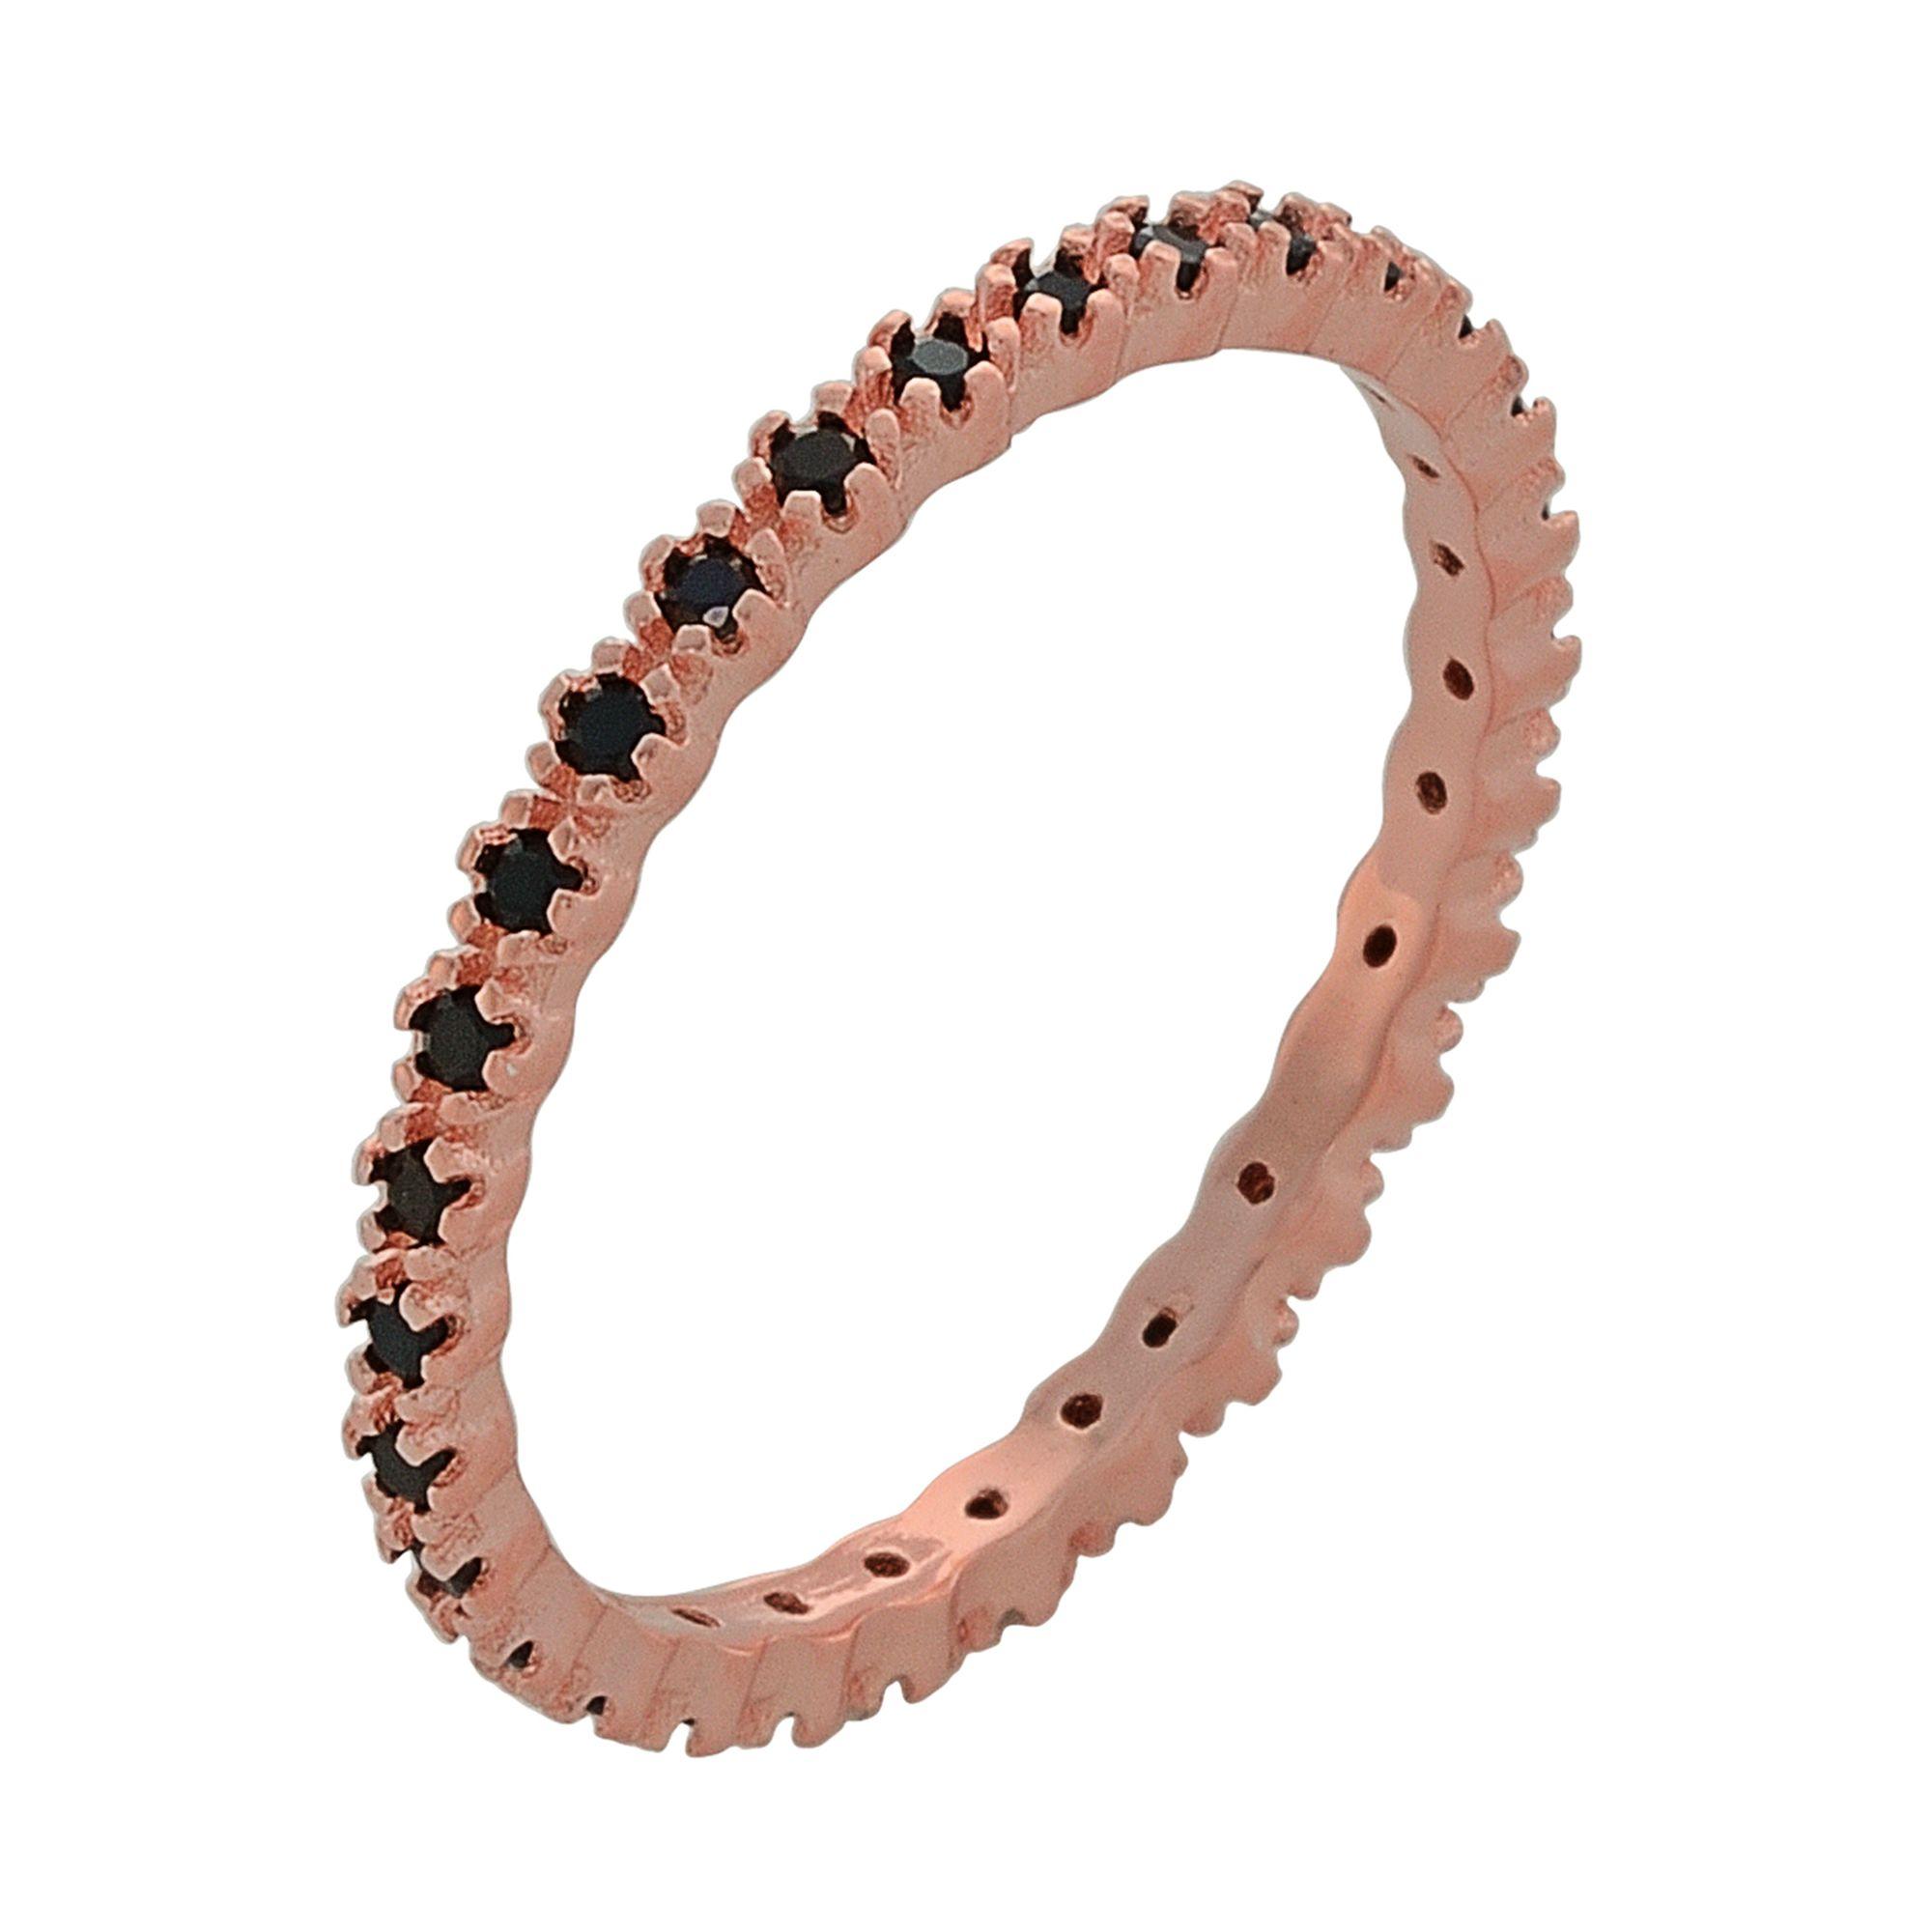 Ασημένιο Δαχτυλίδι Σειρέ με Μαύρες Πέτρες Ζιργκόν